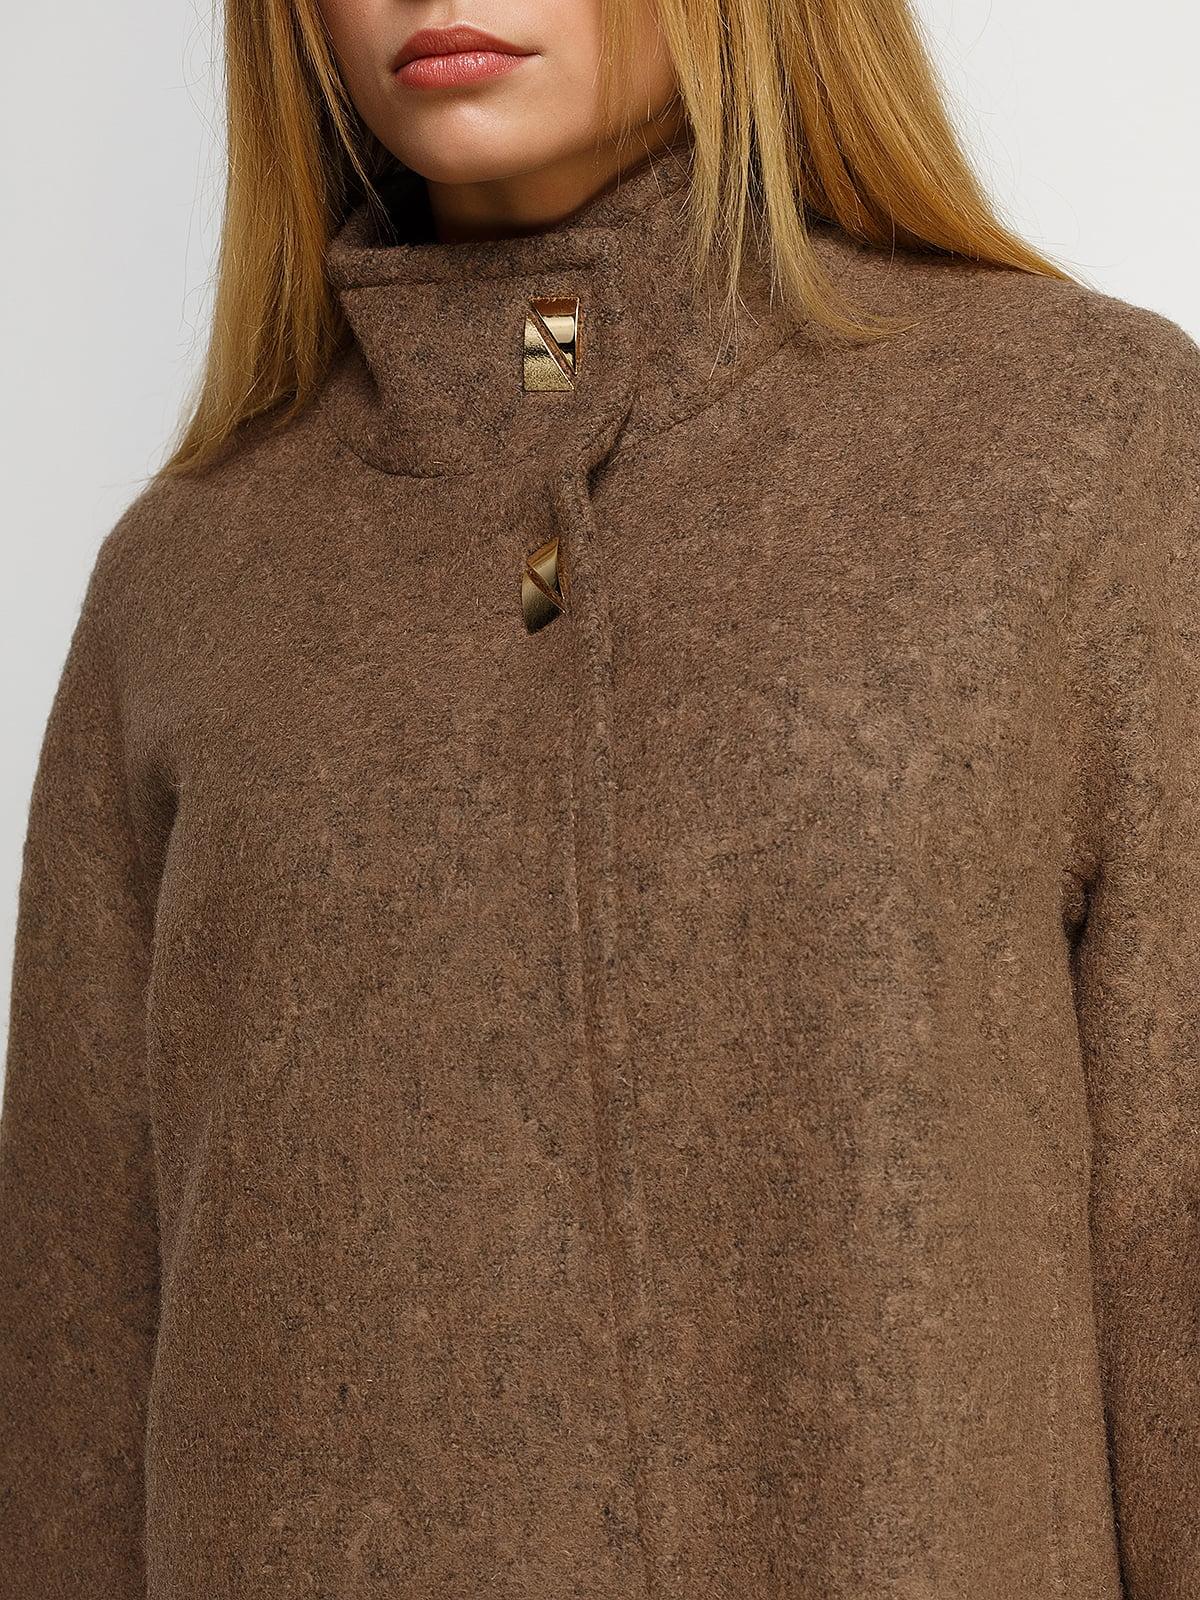 Пальто цвета мокко | 4492598 | фото 3